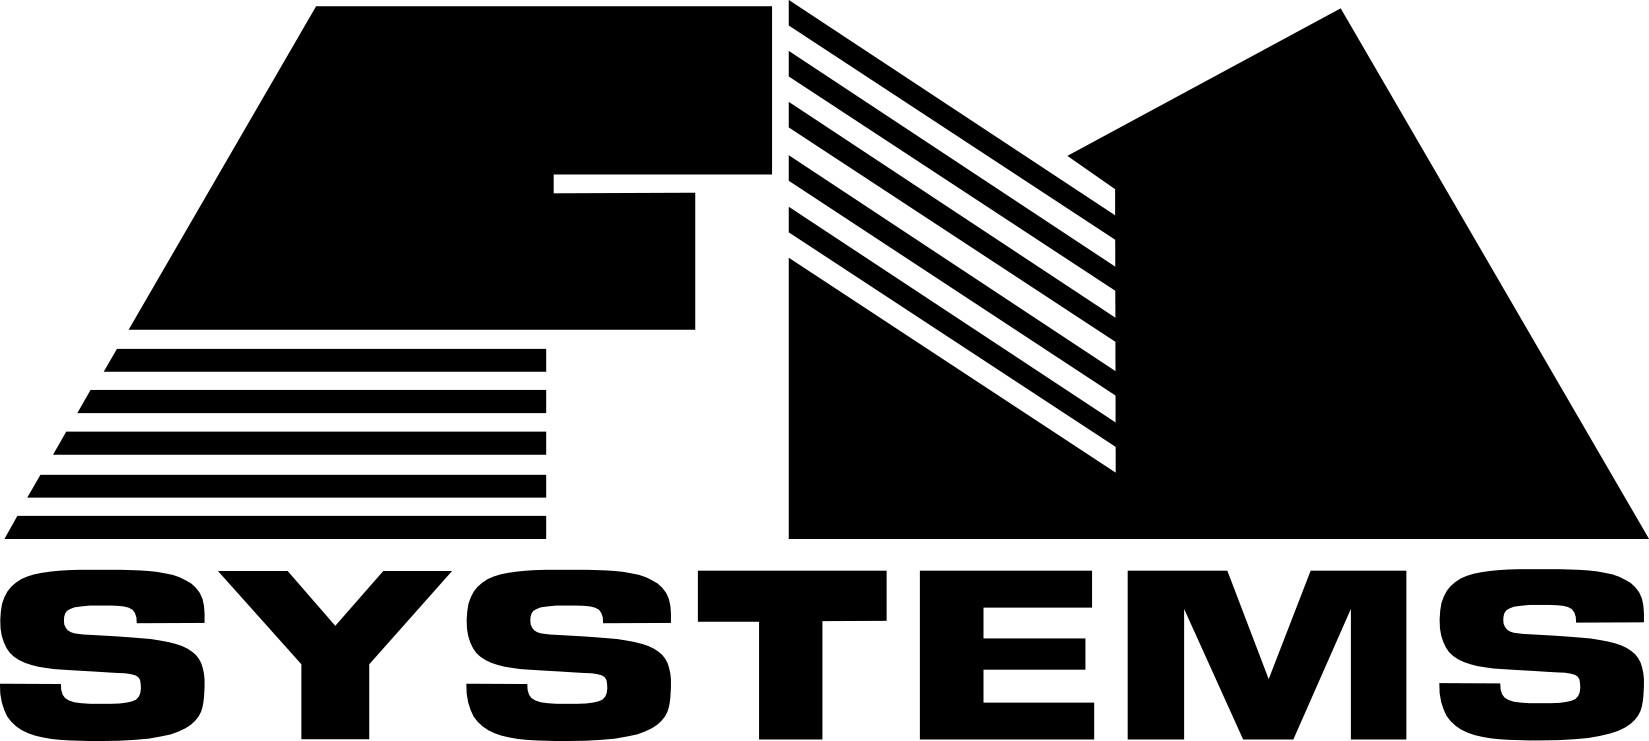 fms_logo no border